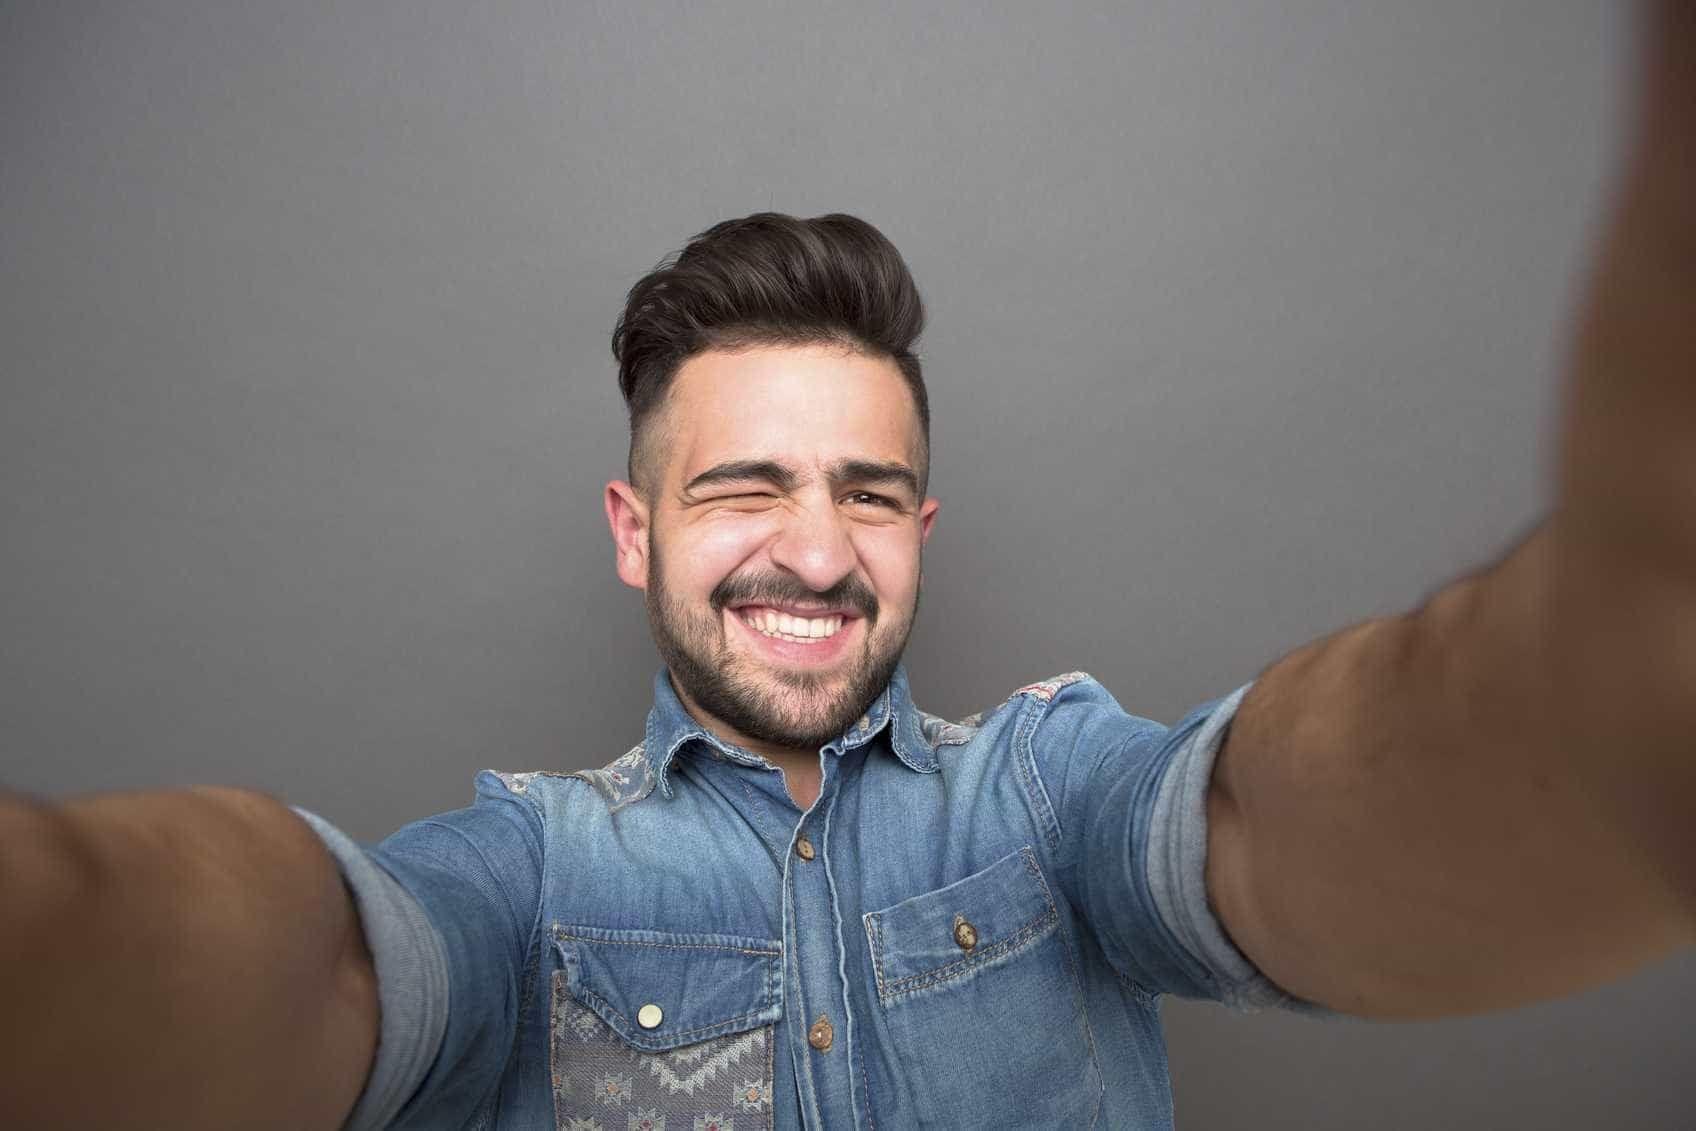 Estudo revela acidentes mais comuns ao tirar selfies